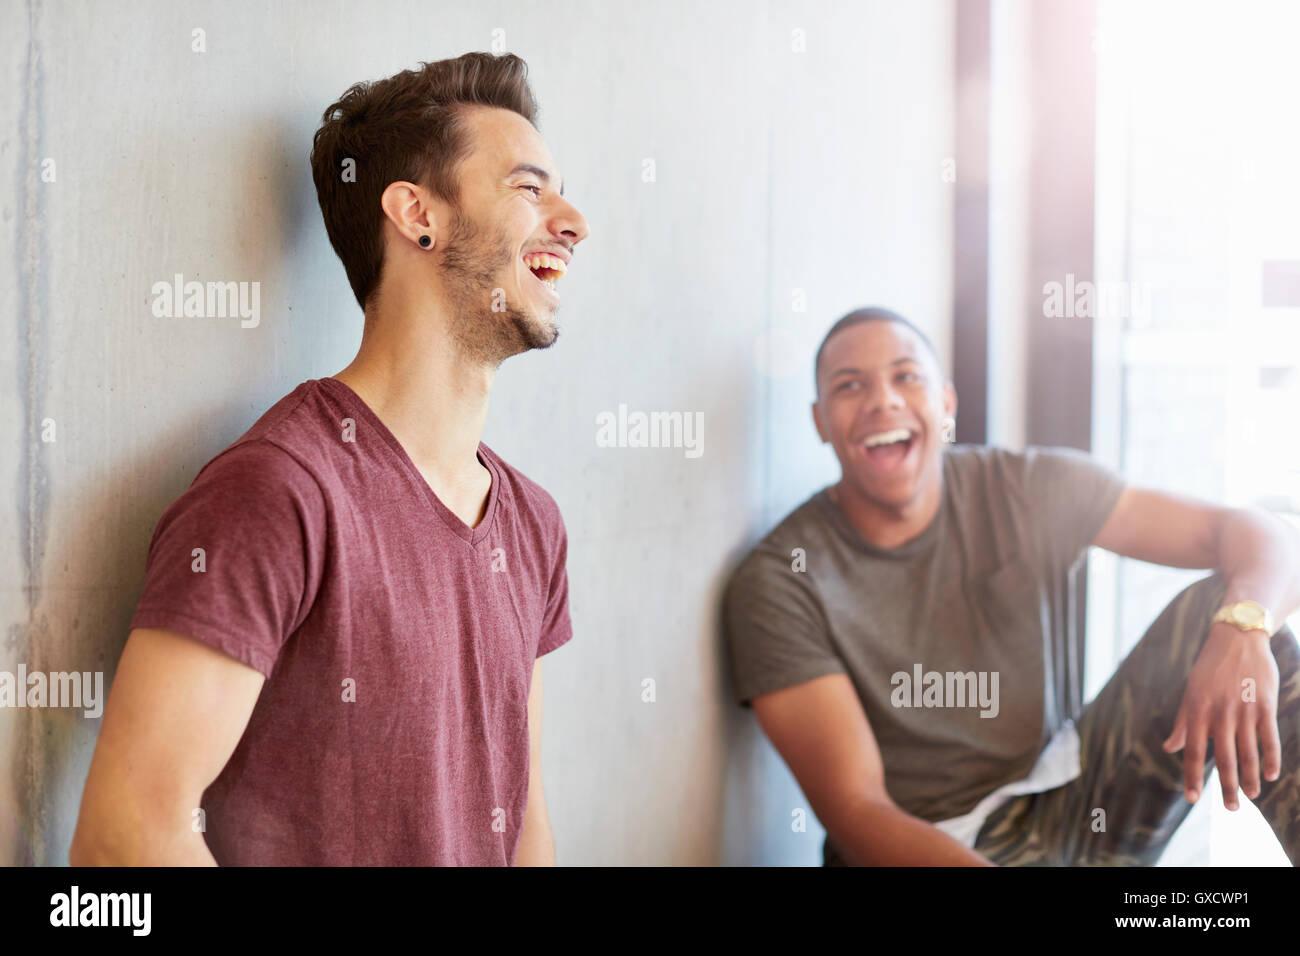 Deux jeunes garçons en espace d'étude de rire de l'enseignement supérieur college Photo Stock